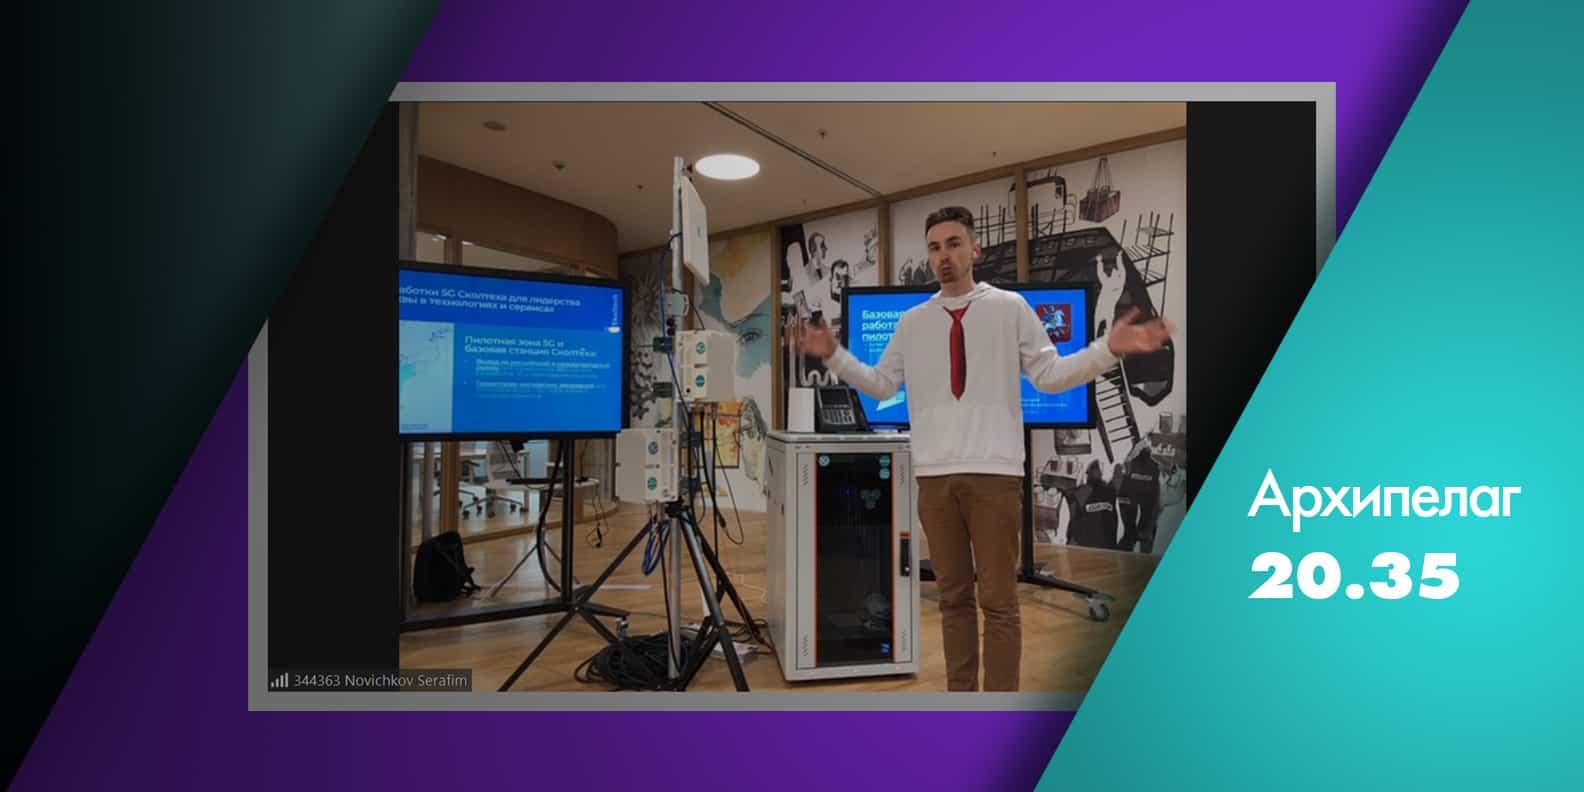 Центр компетенций НТИ на базе Сколтеха по технологиям беспроводной связи и интернета вещей выступил партнером трека «Искусственный интеллект в сети 5G», организованного в рамках «Архипелага 20.35» —образовательного интенсива по искусственному…